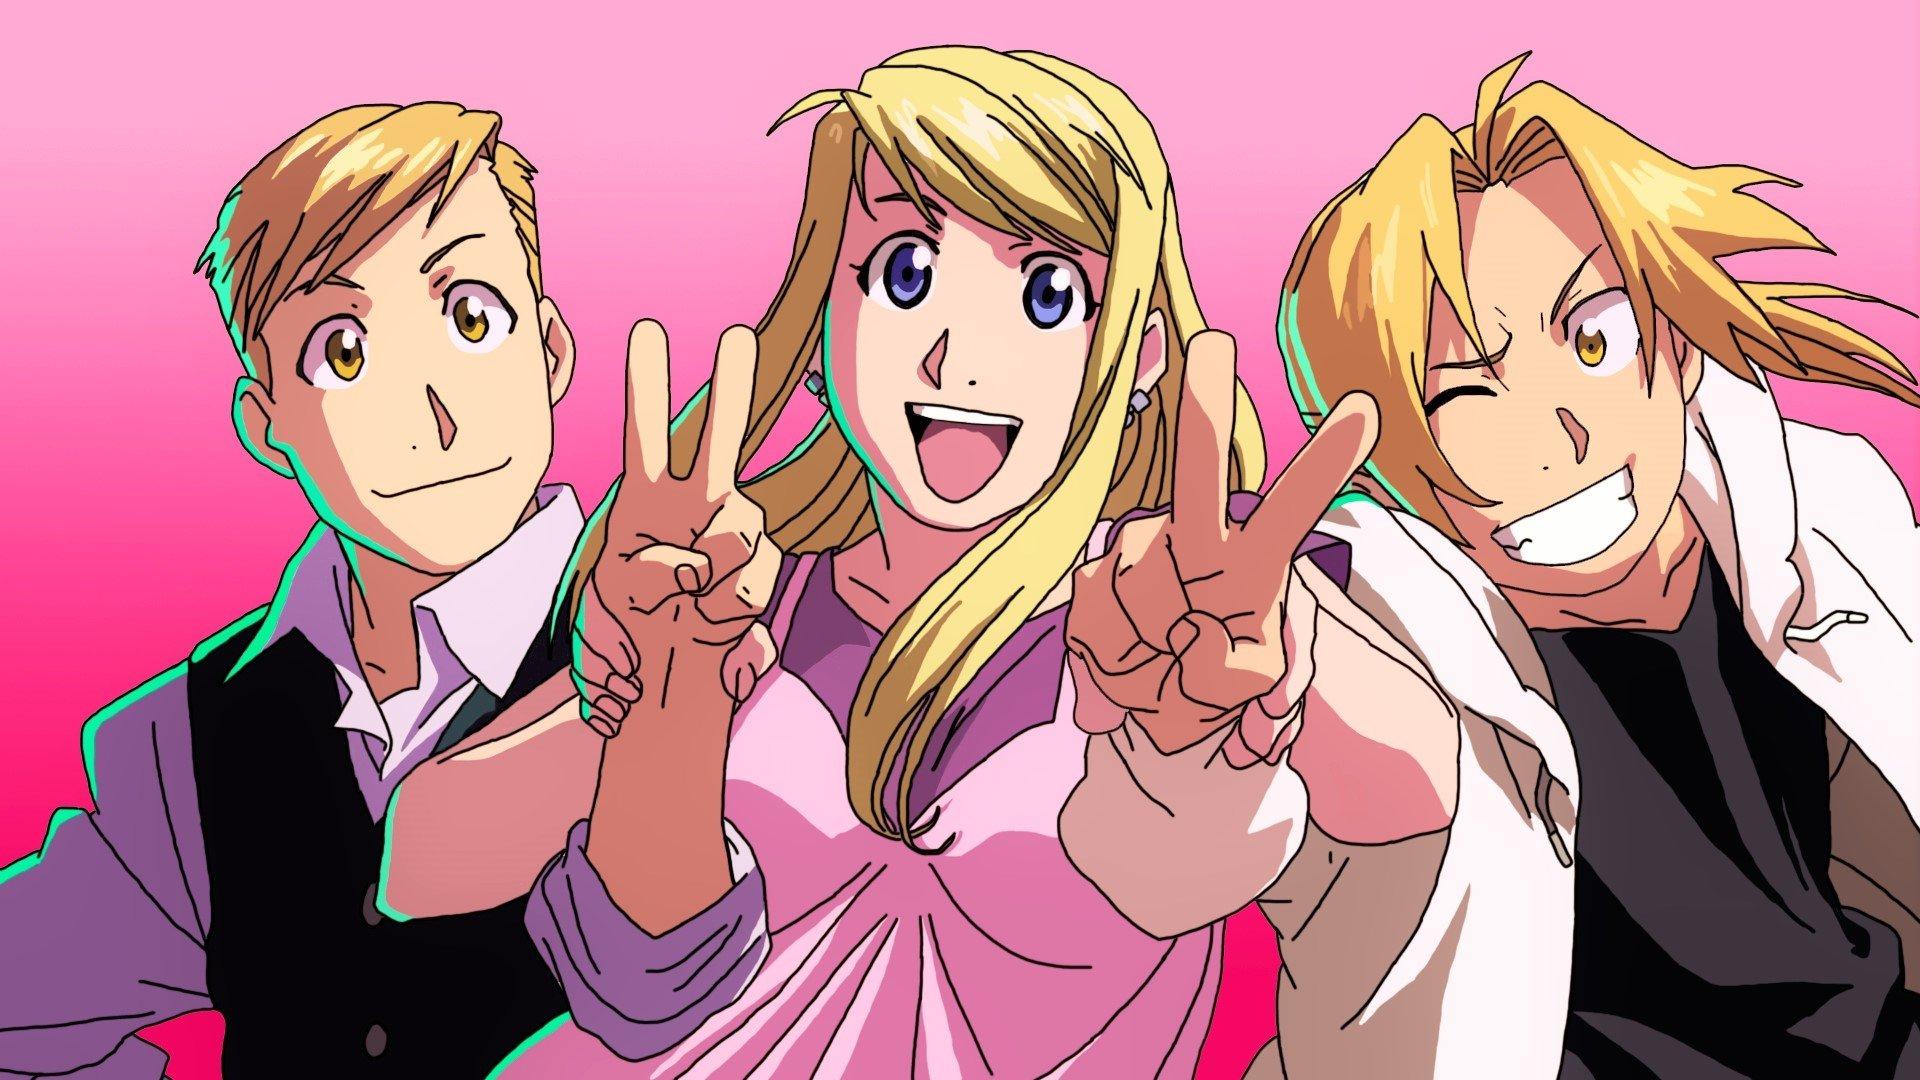 Winry Rockbell Wallpaper Zerochan Anime Image Board